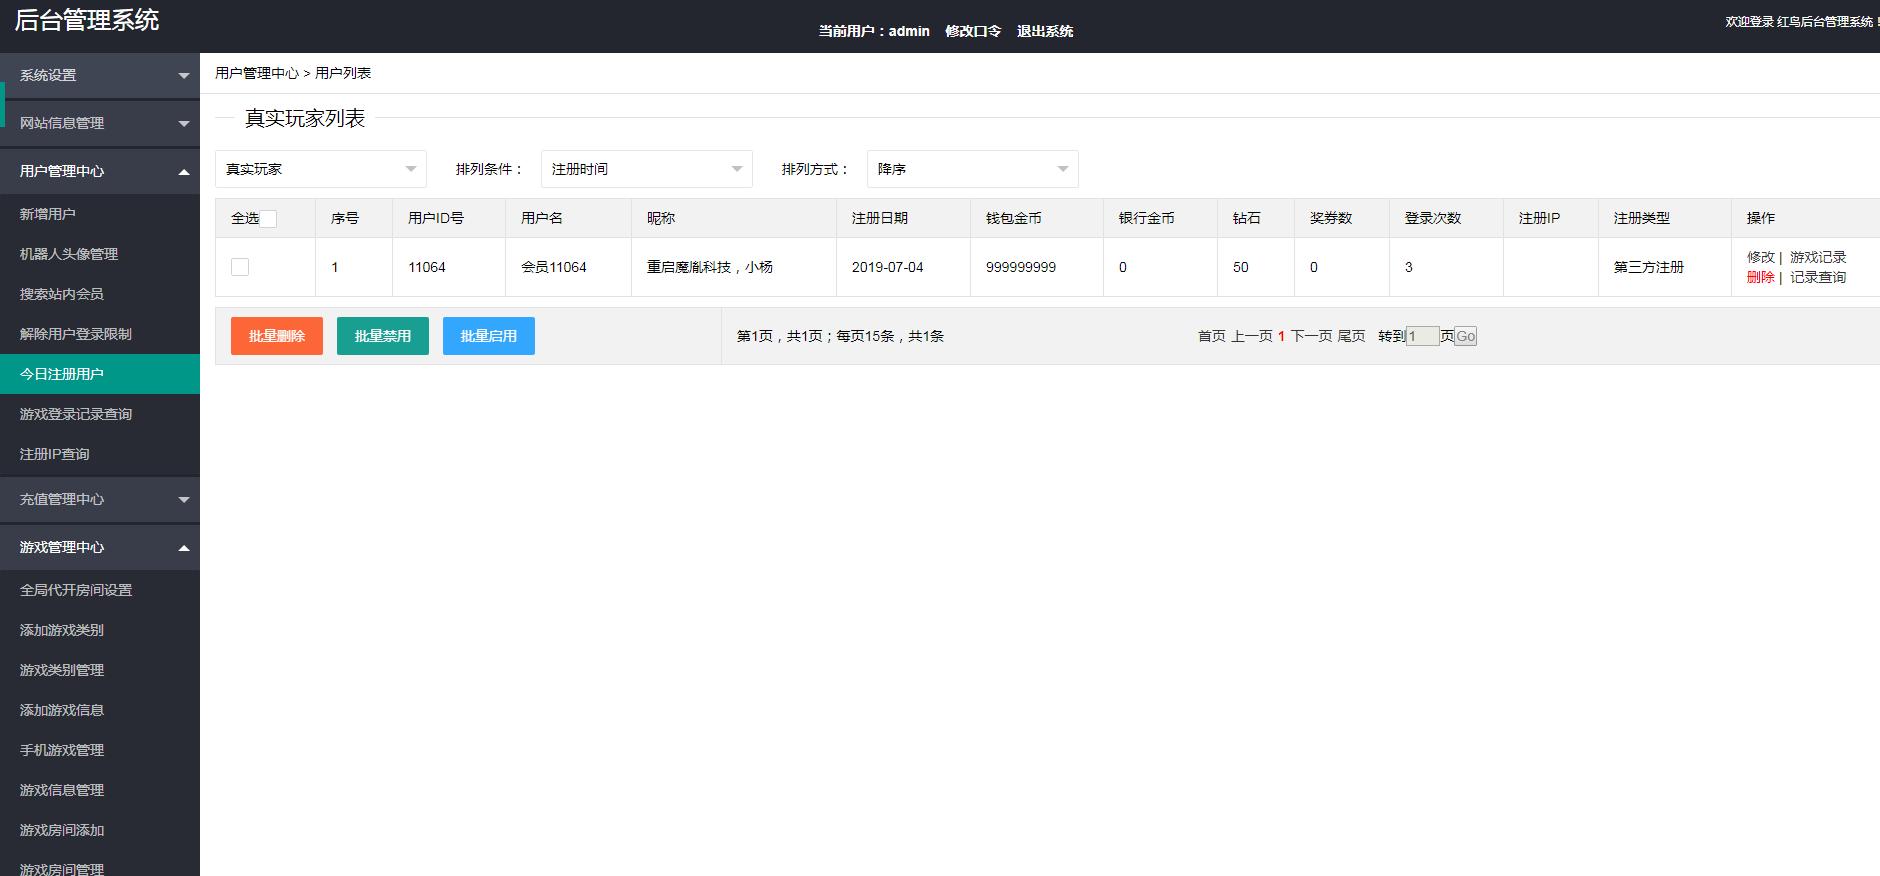 斑马联运京城国际修复版-京城娱乐,棋牌源码组件完整版 +双端APP+全数据+带红包扫雷,非网传运营版-第17张